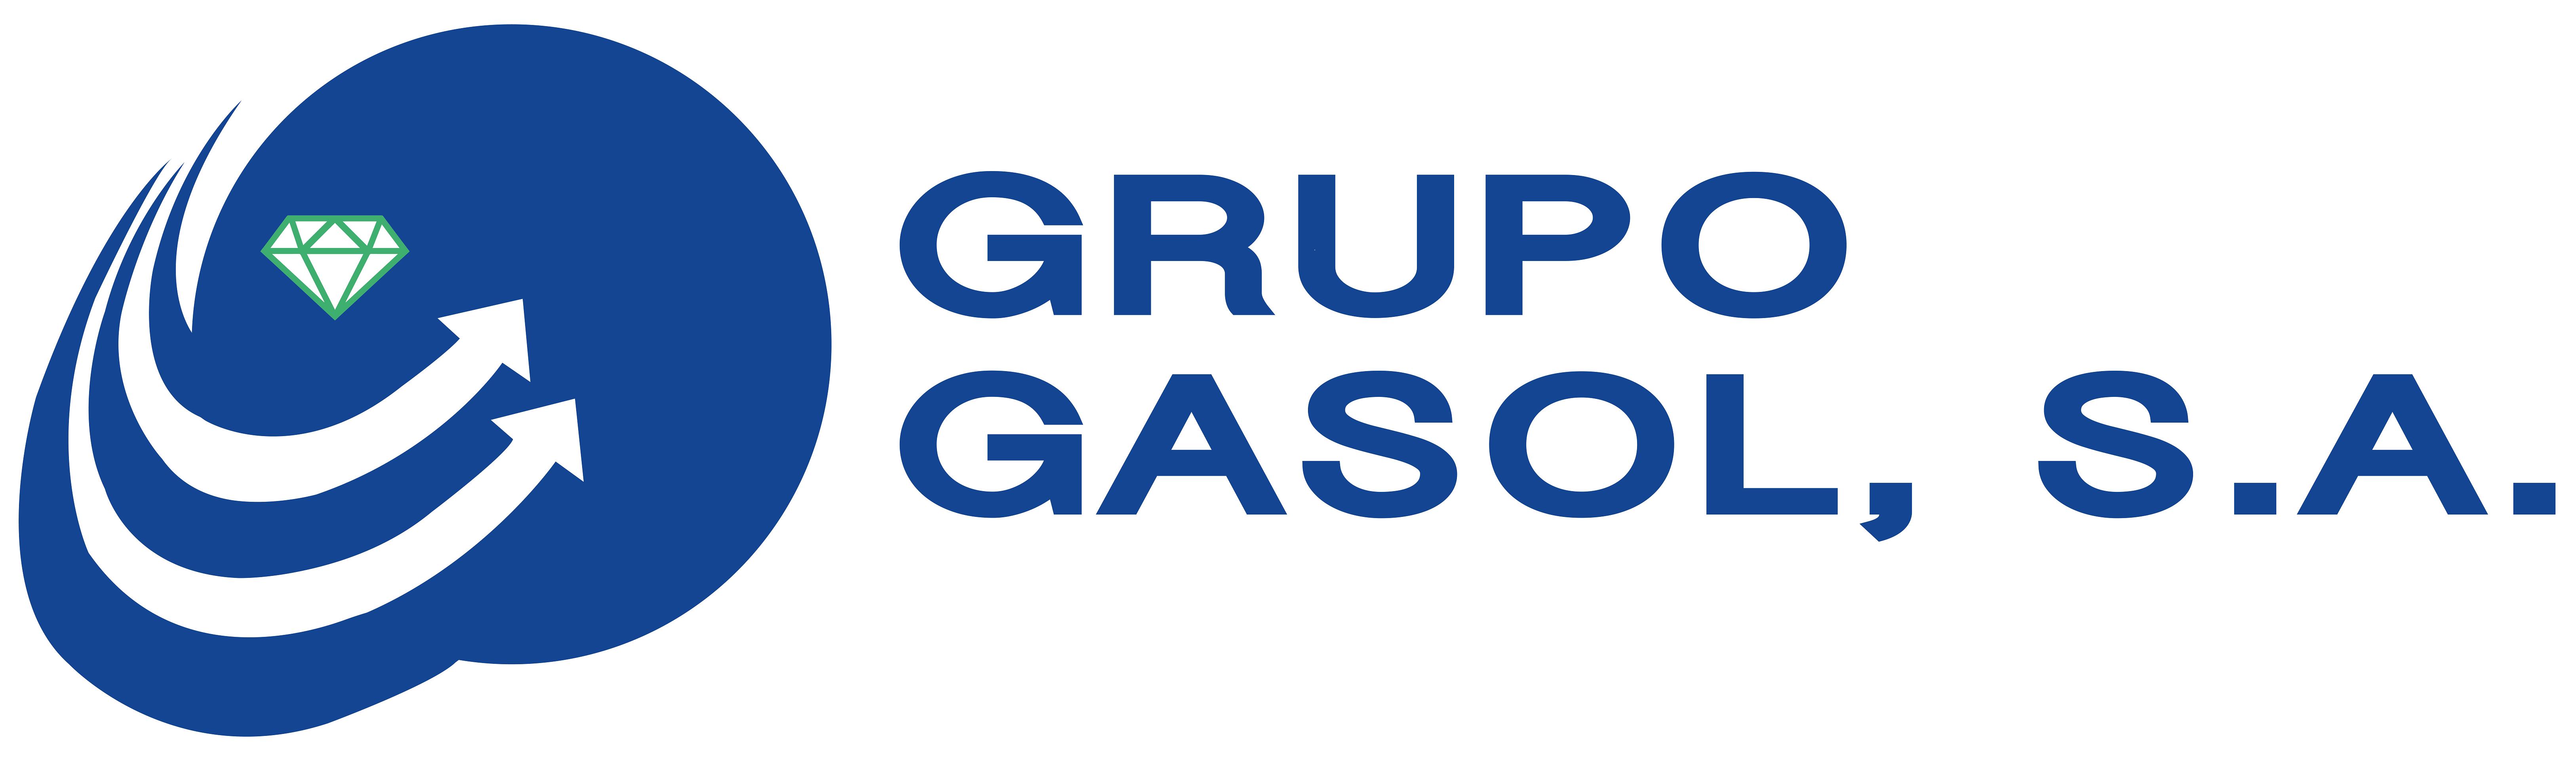 LOGO GRUPO GASOL HD